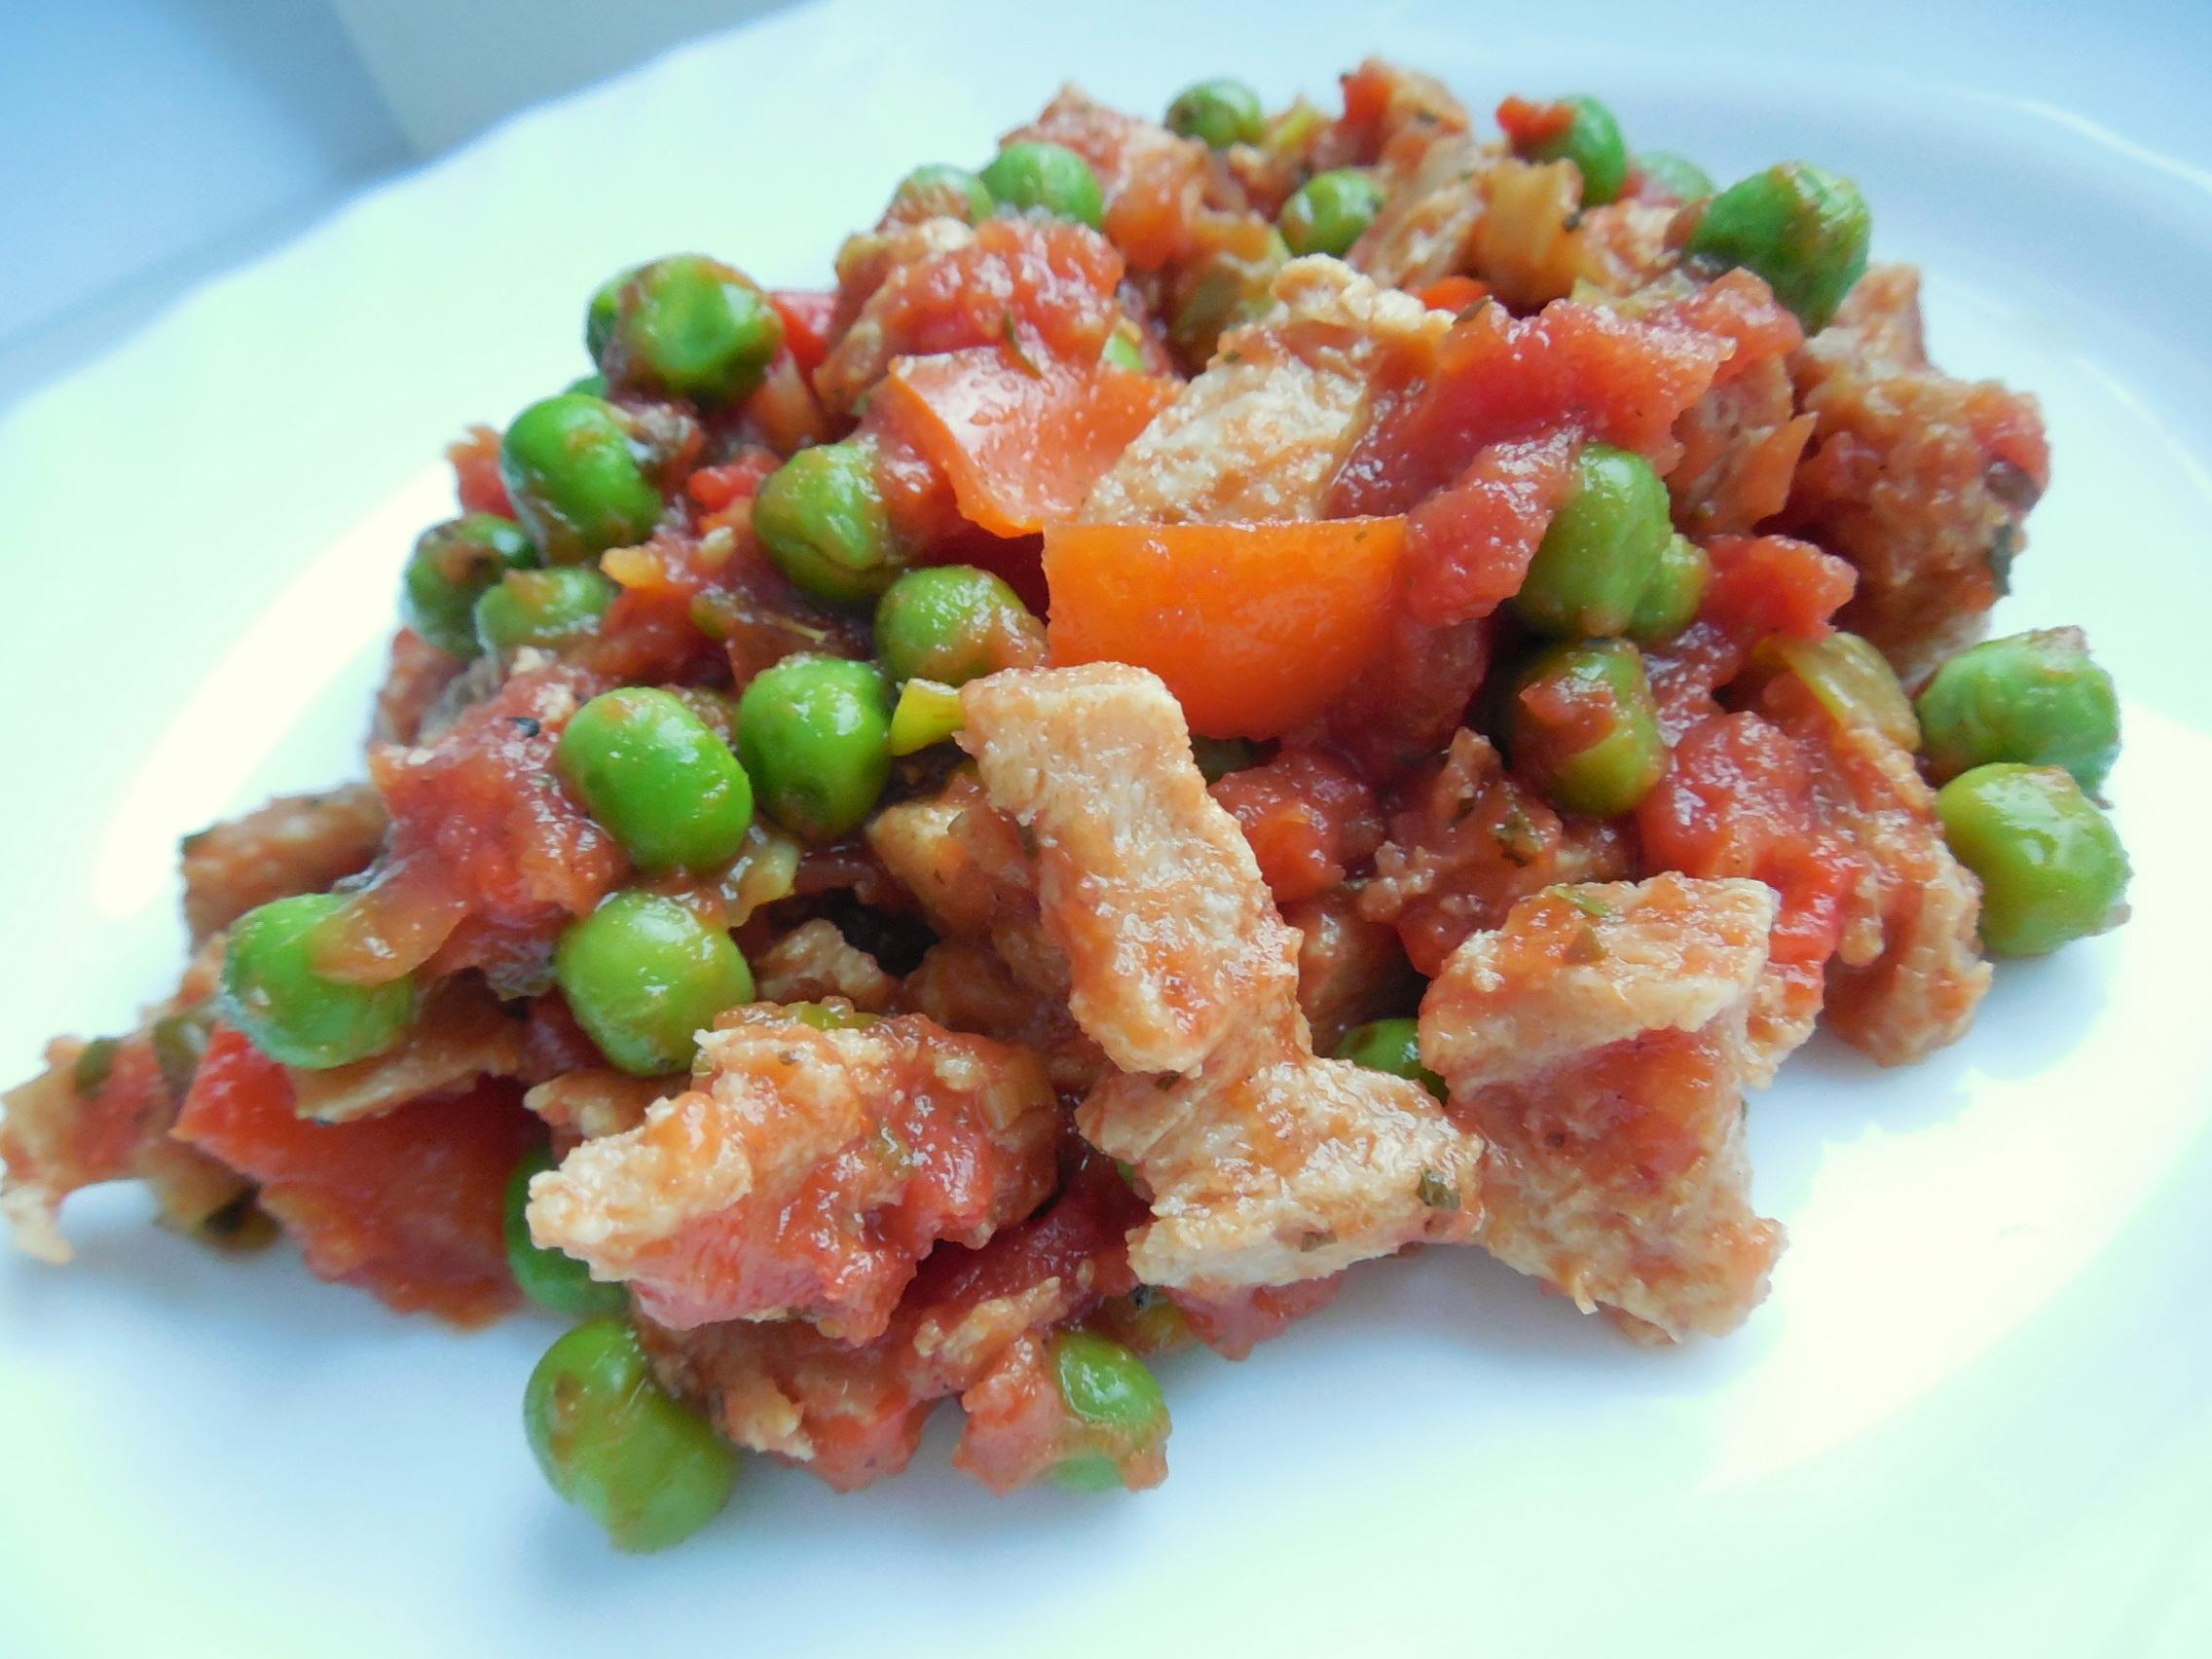 Fotografie receptu: Sójová čína s rajčaty